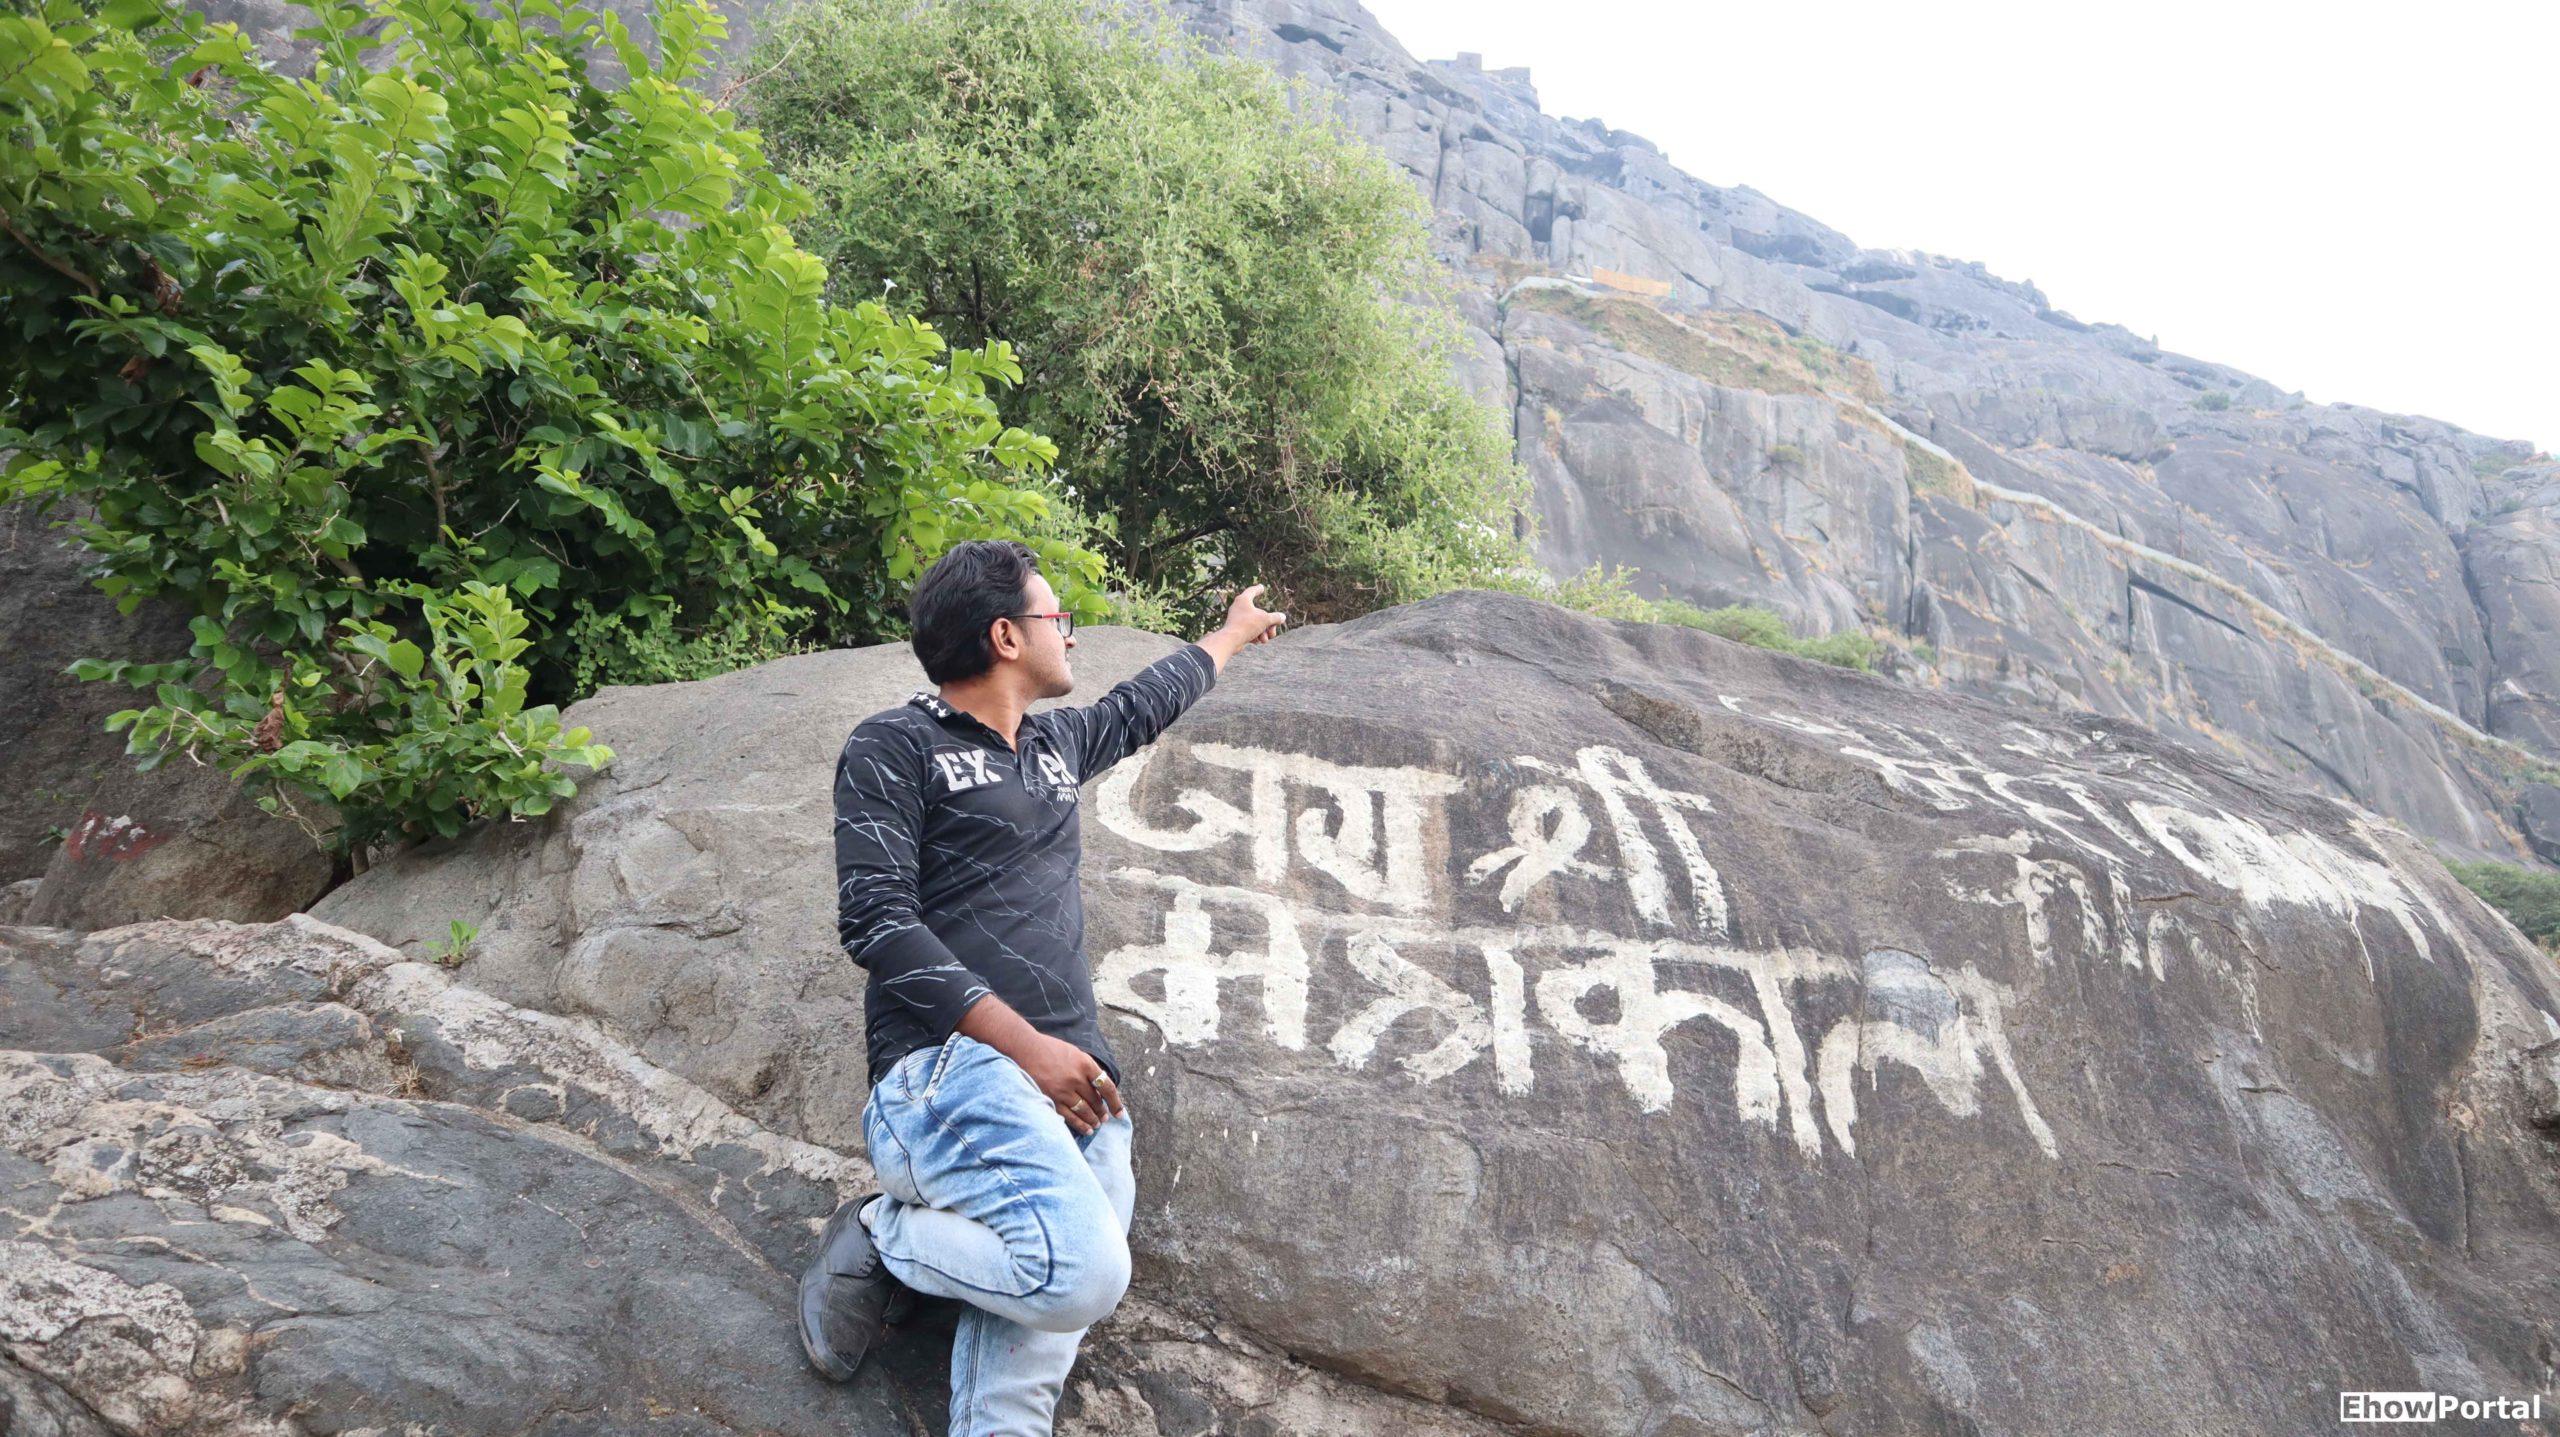 Mountain climbing experience